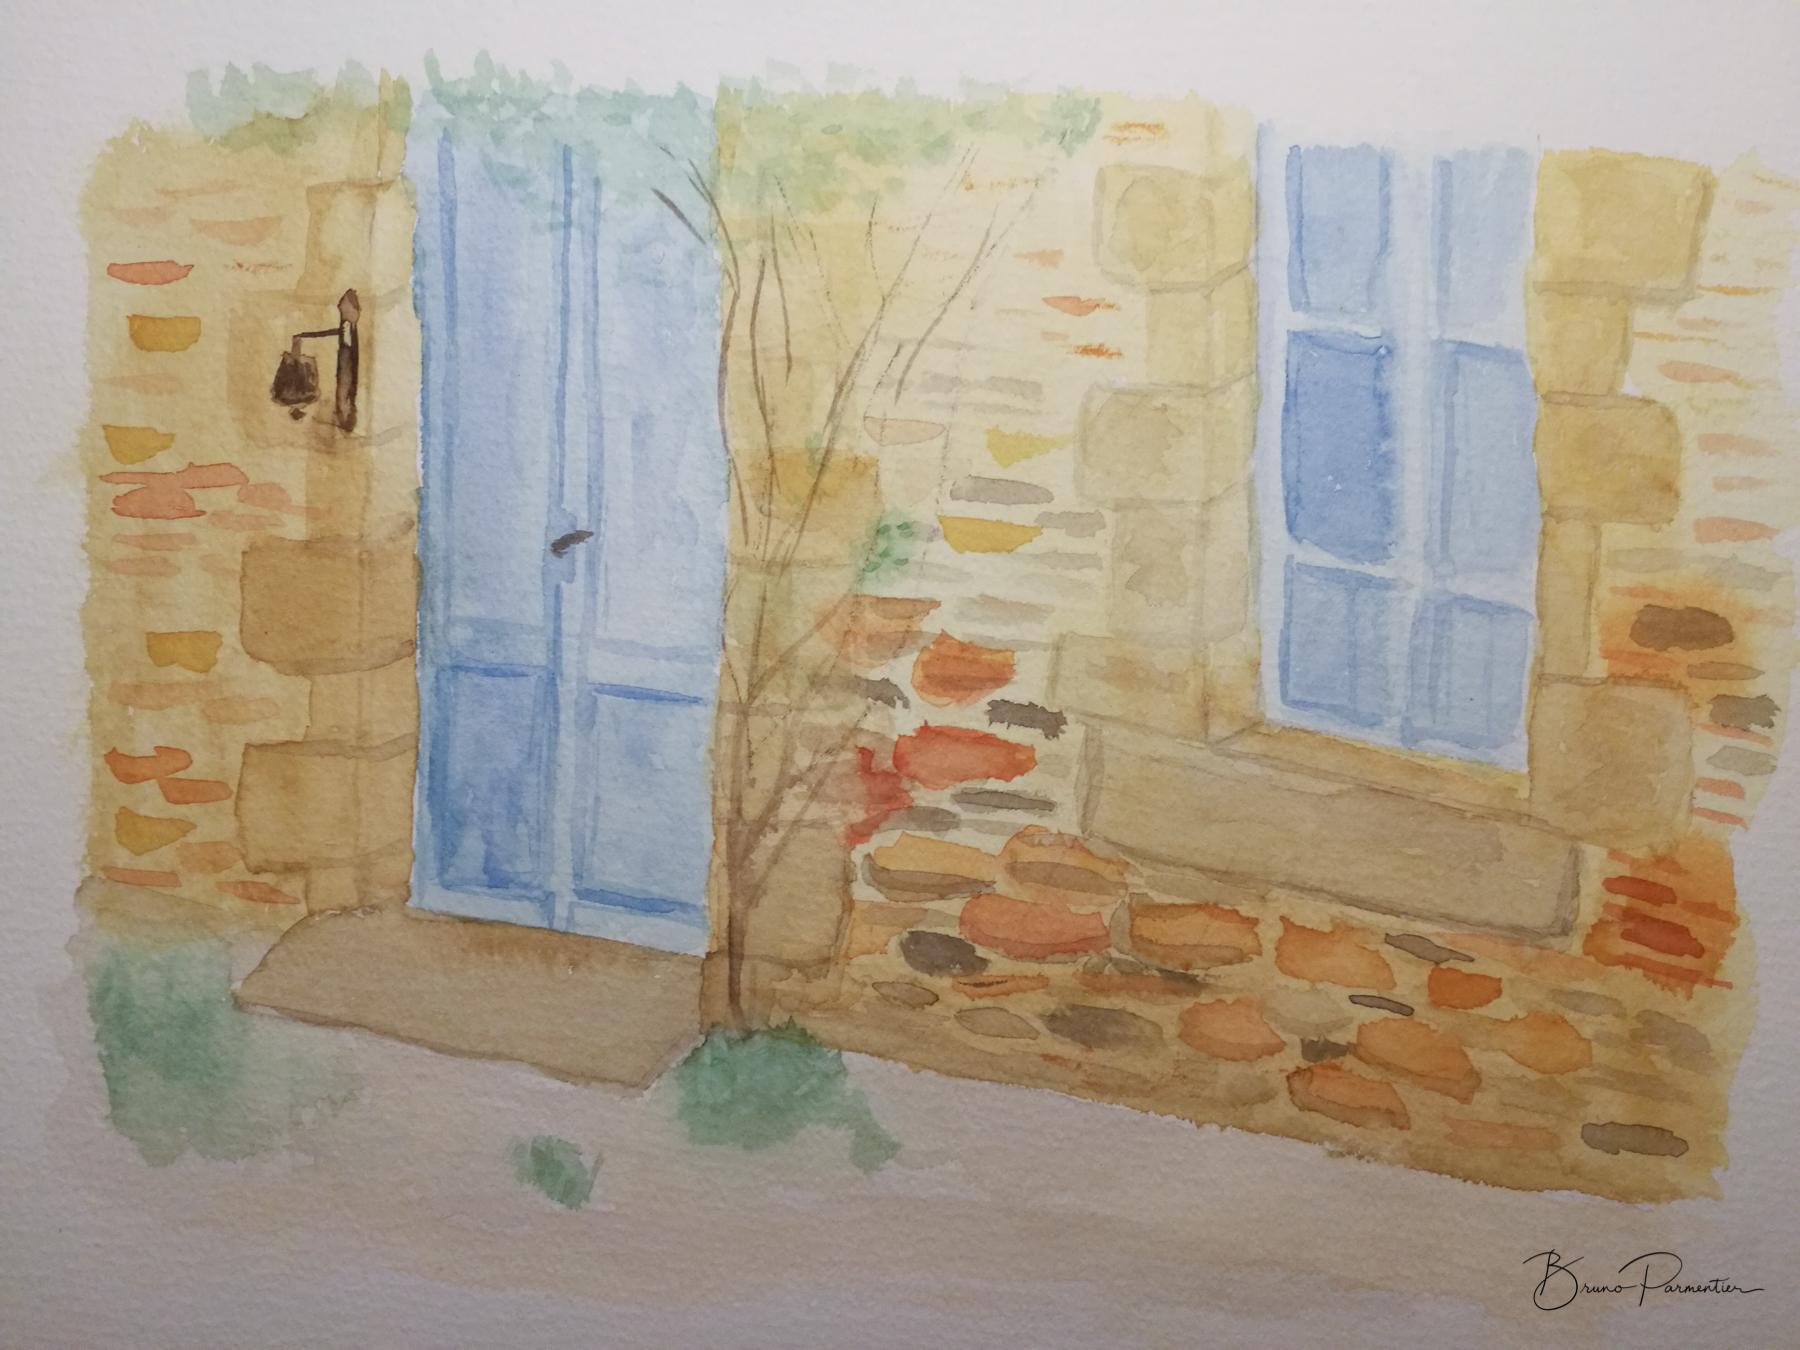 Maison ancienne (aquarelle - 4 février 2019)